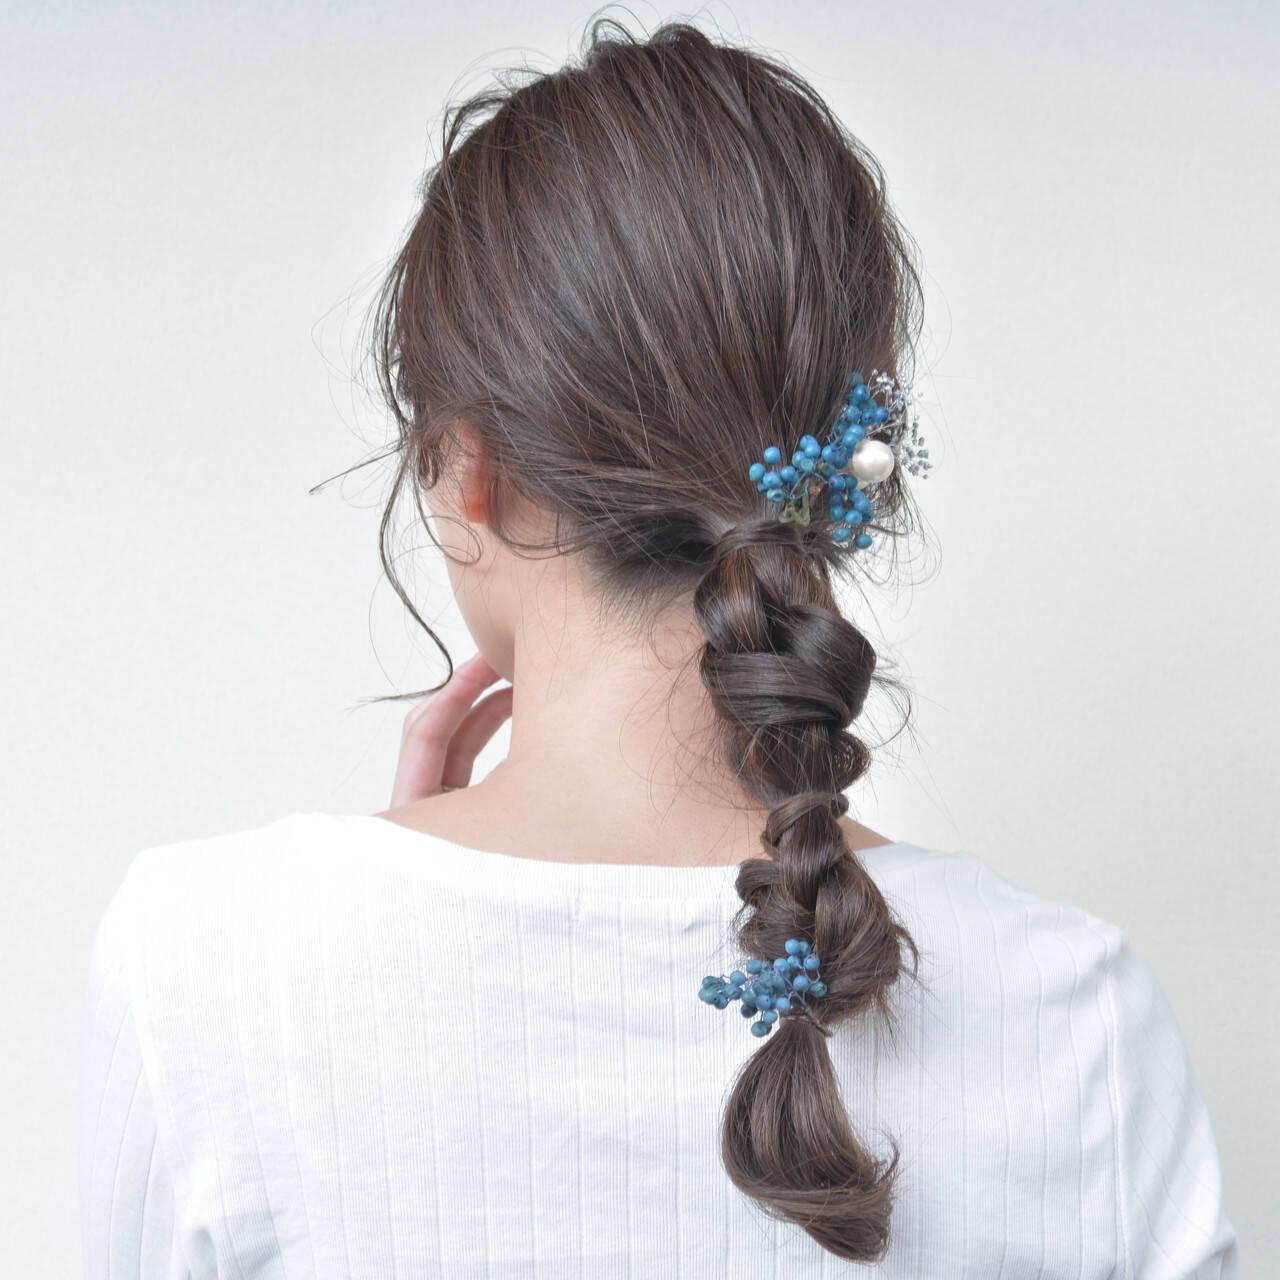 セミロング 編みおろし 大人ロング ヘアアレンジヘアスタイルや髪型の写真・画像